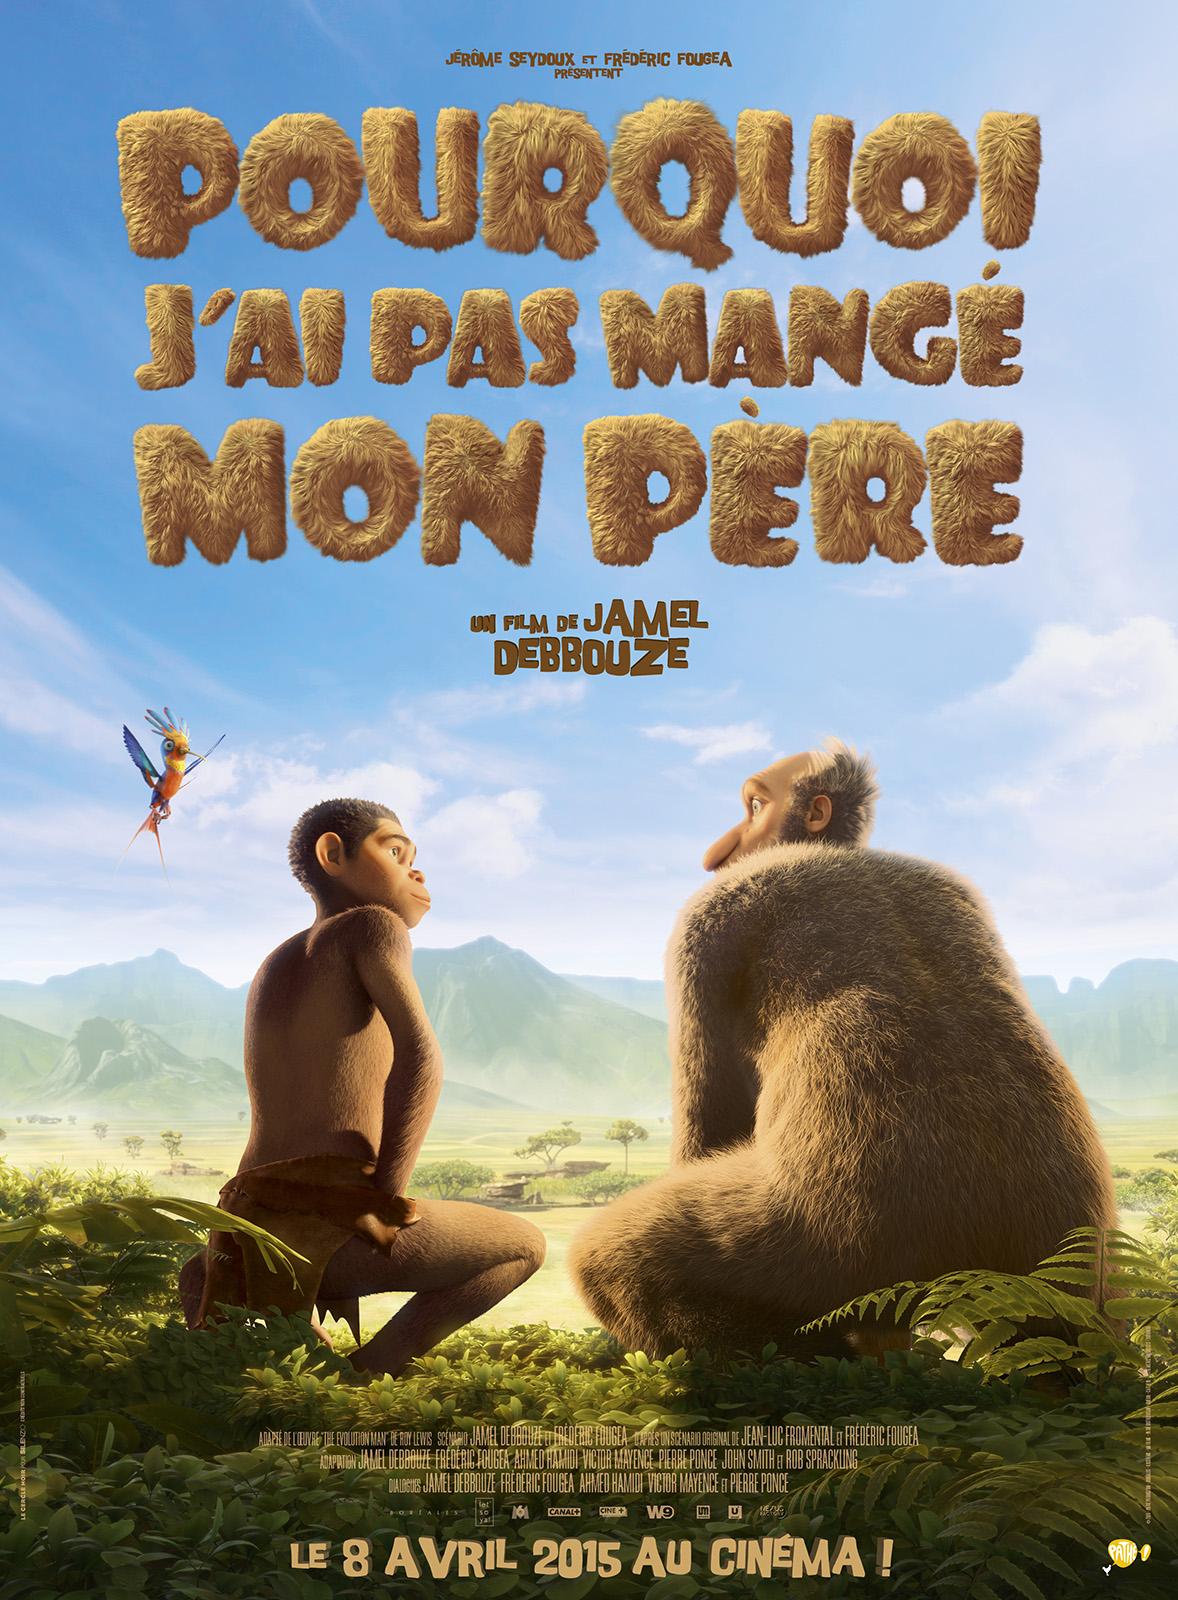 Vương Quốc Động Vật - Animal Kingdom: Let's go Ape